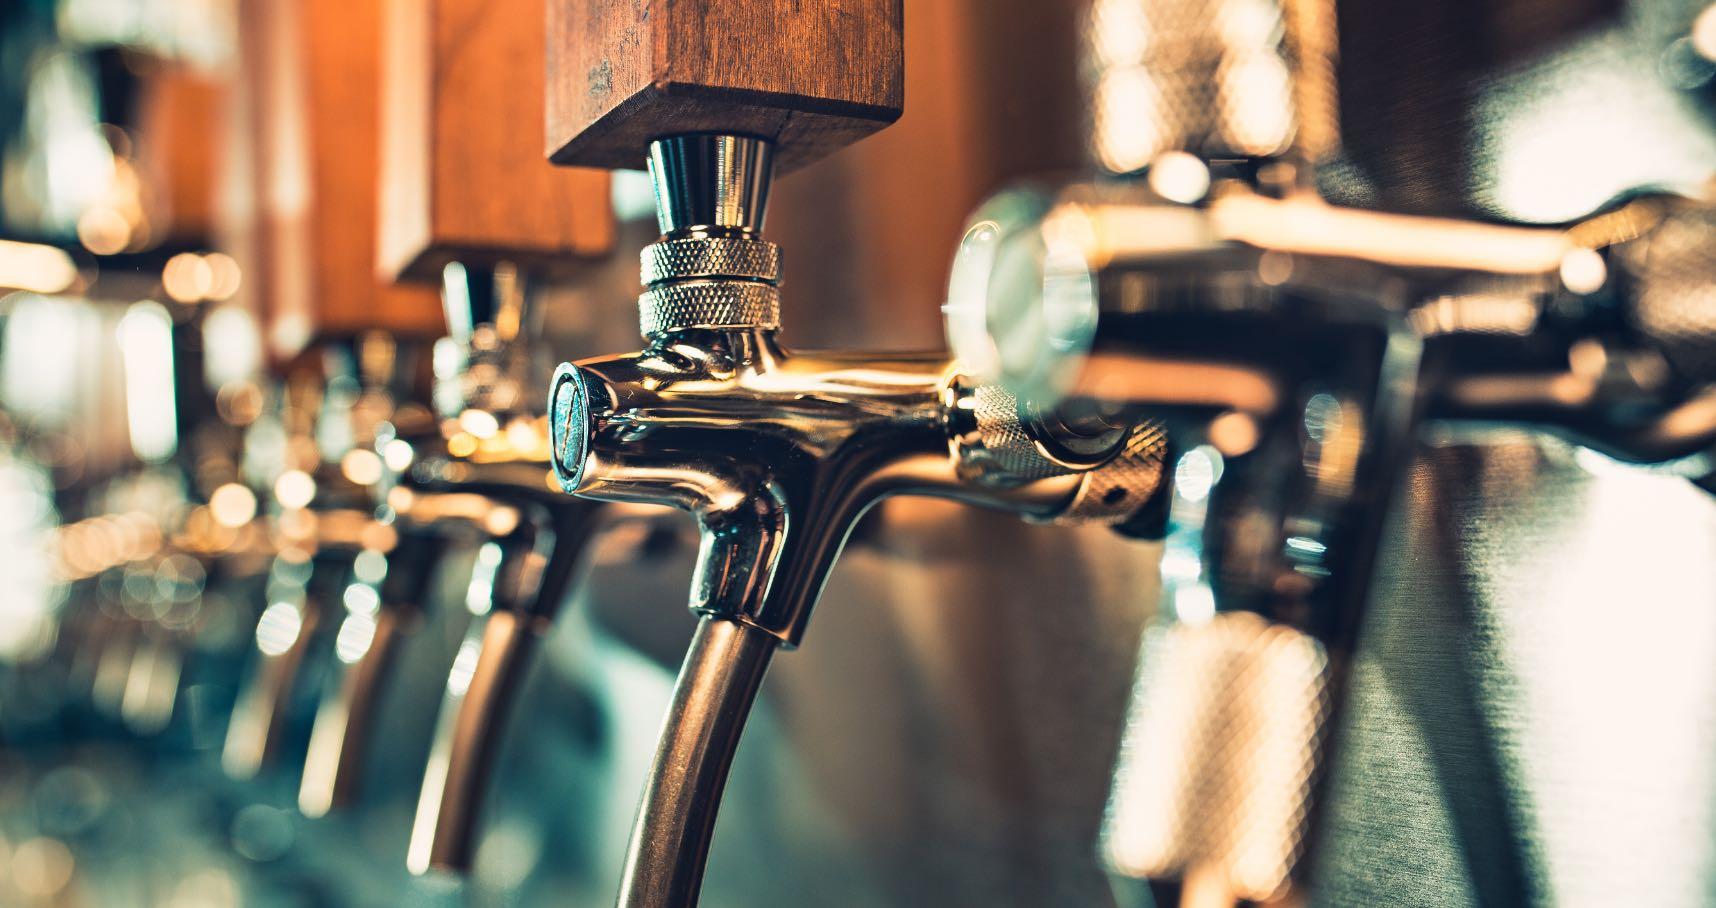 spine della birra